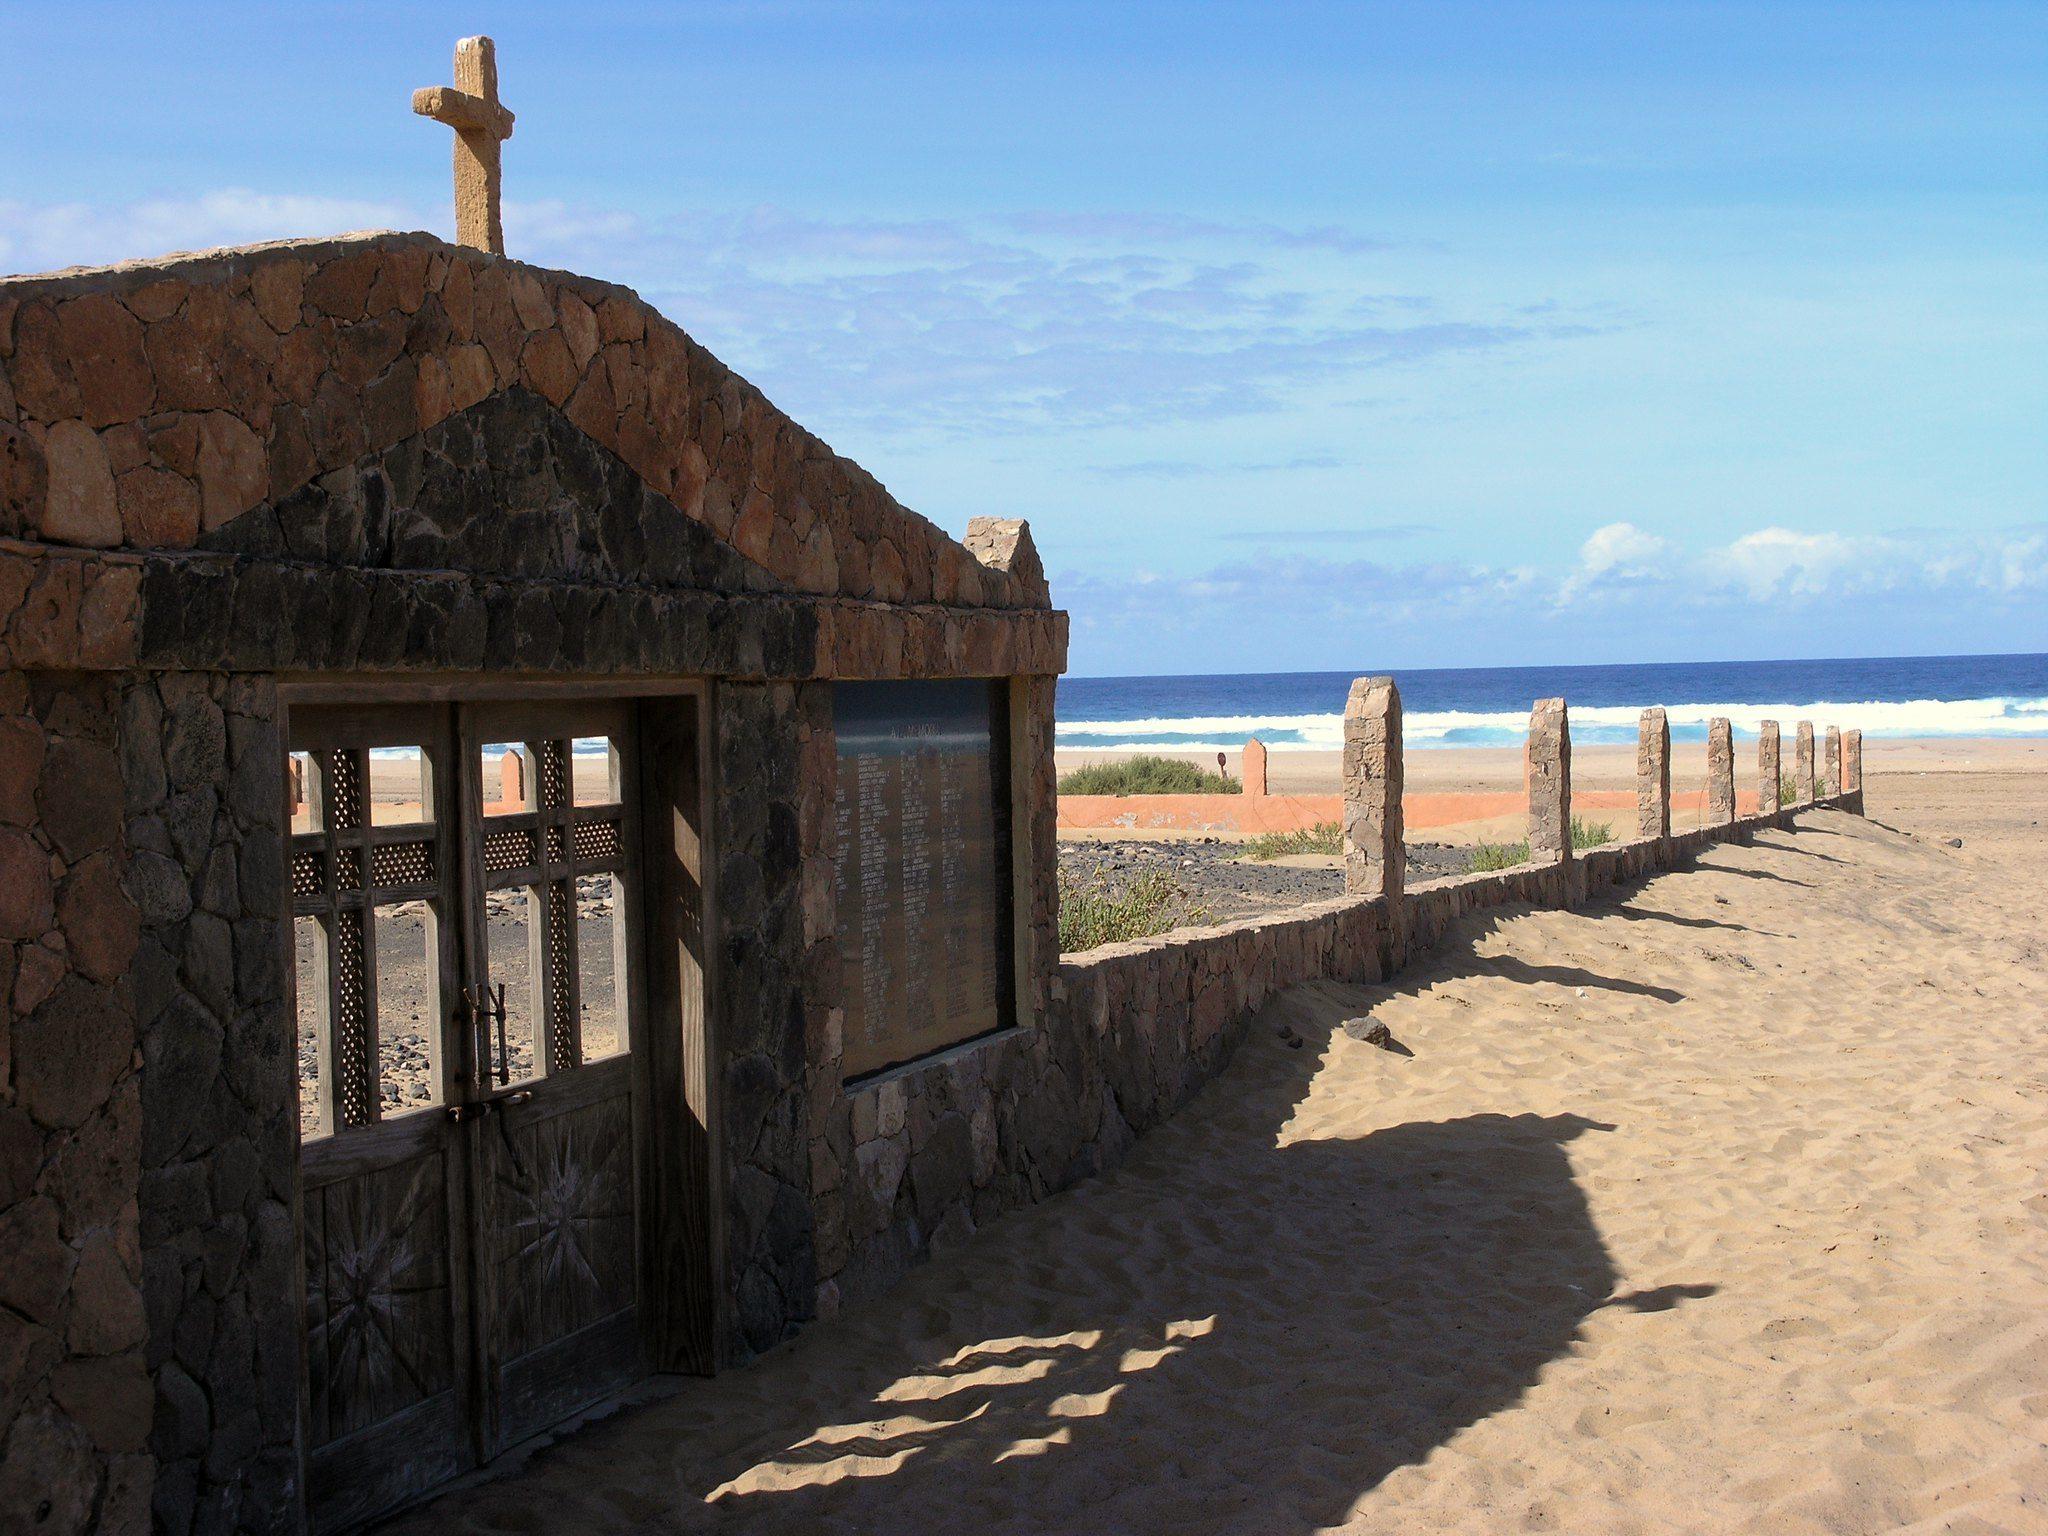 Weekend in Fuerteventura, Spain How to Spend 3 Days in Fuerteventura, Spain